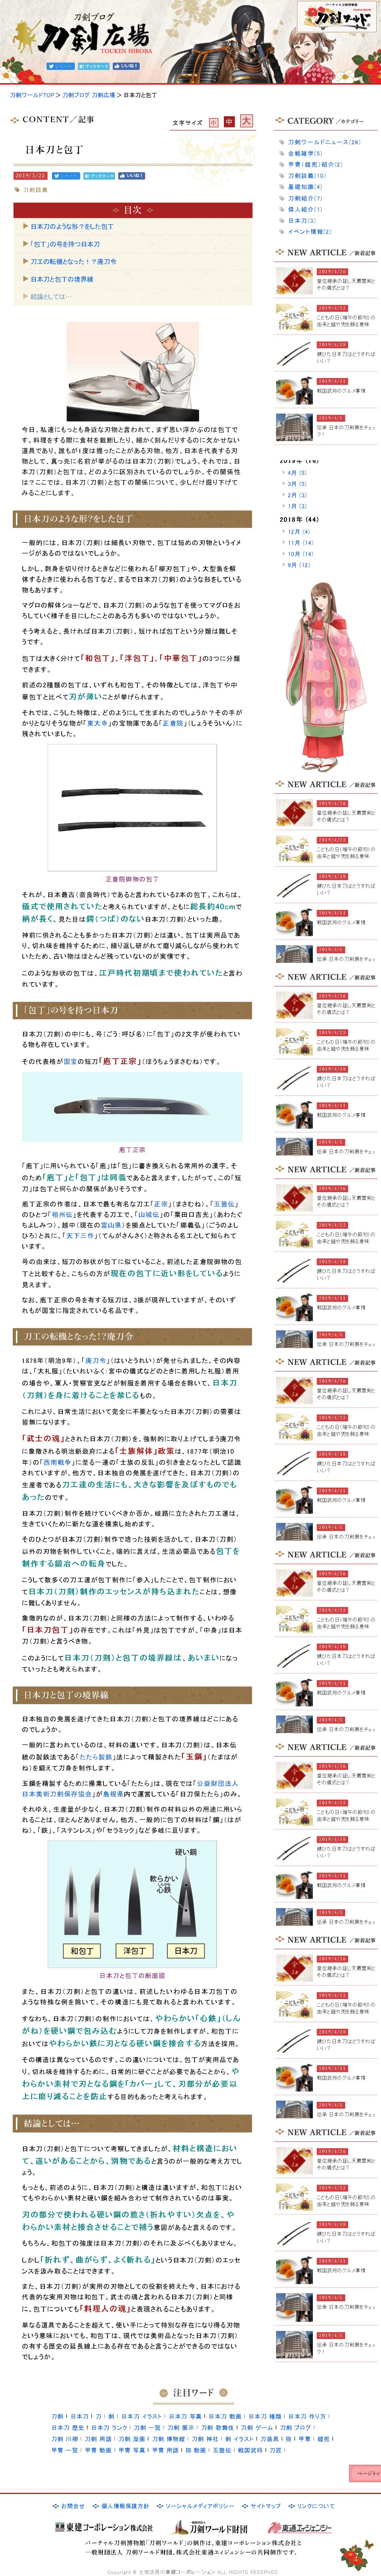 日本刀と包丁|刀剣ブログ 刀剣広場【刀剣ワールド】